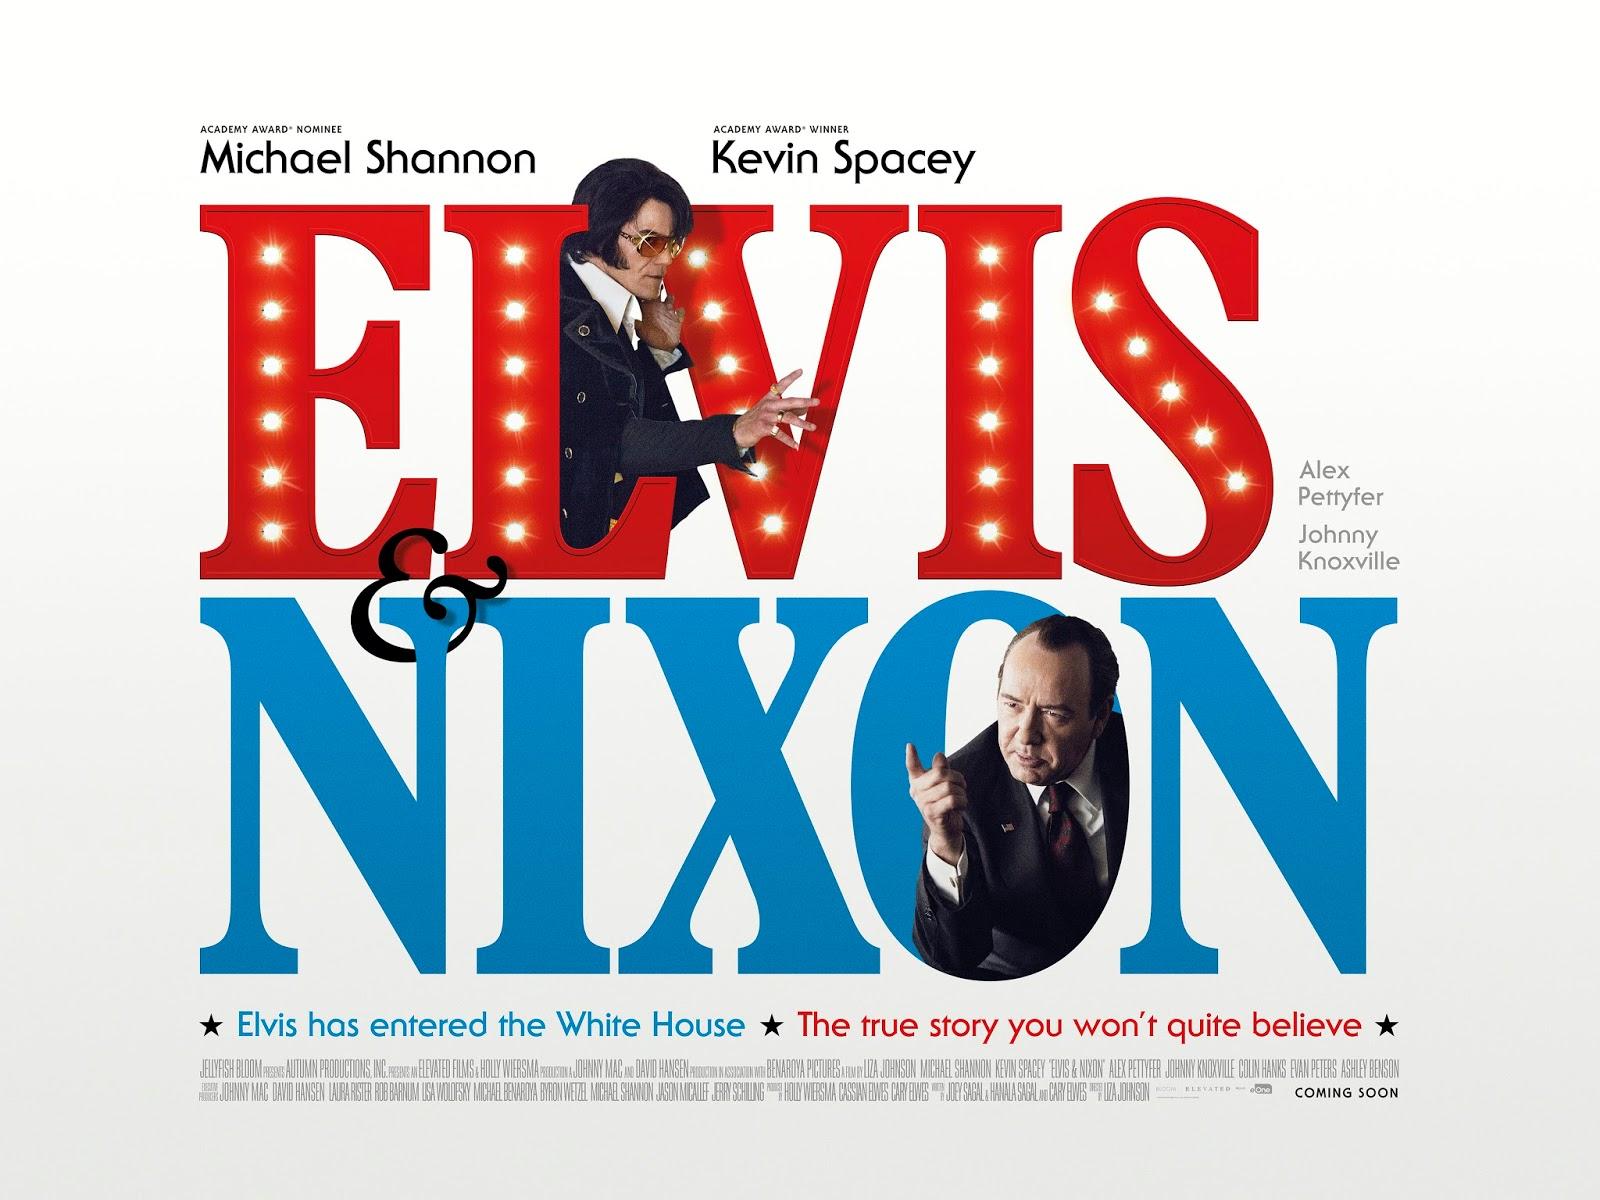 Canzoni Elvis & Nixon - Canzone Colonna sonora, trailer, finale, titoli di coda